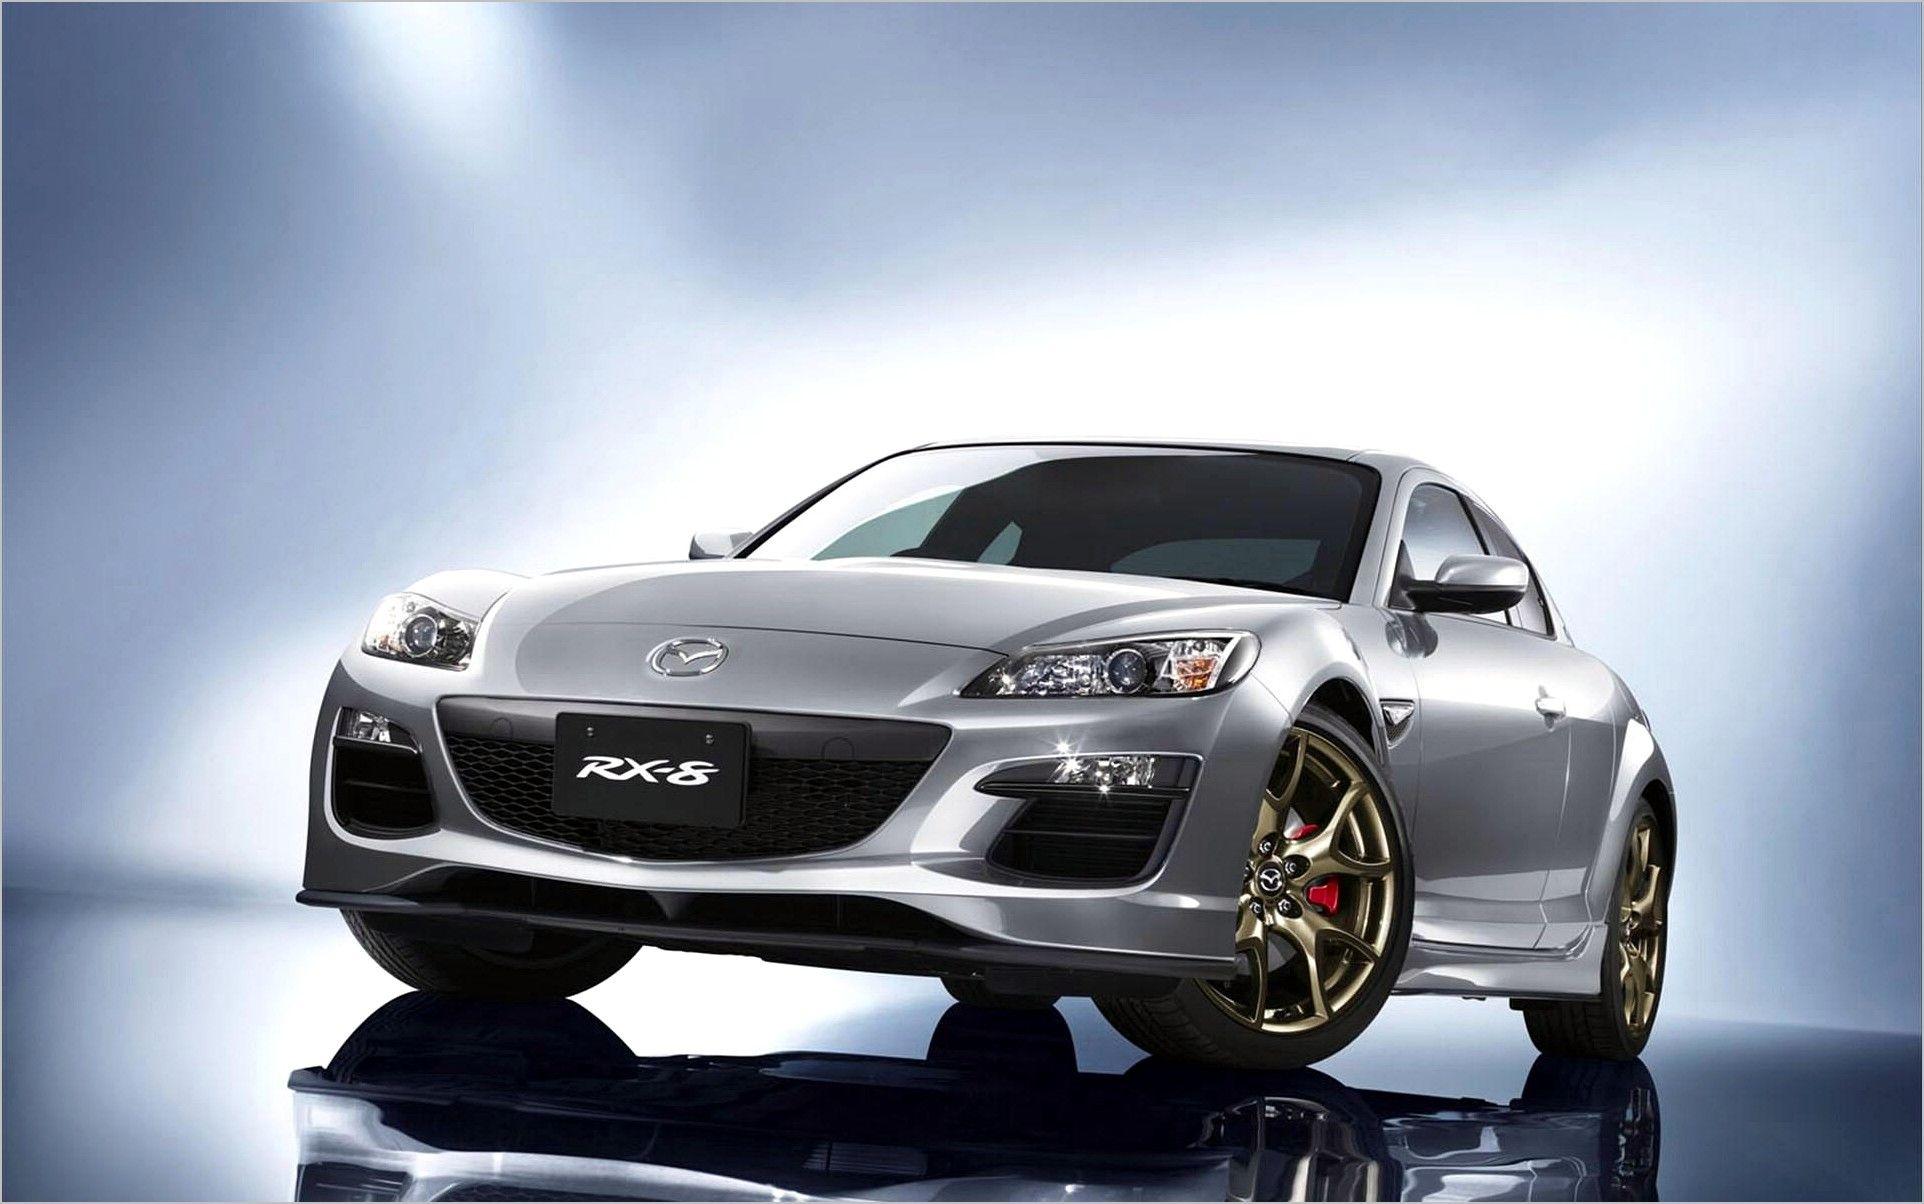 4k Wallpaper Mazda Rx 8 Concept In 2020 Mazda Car Covers Car